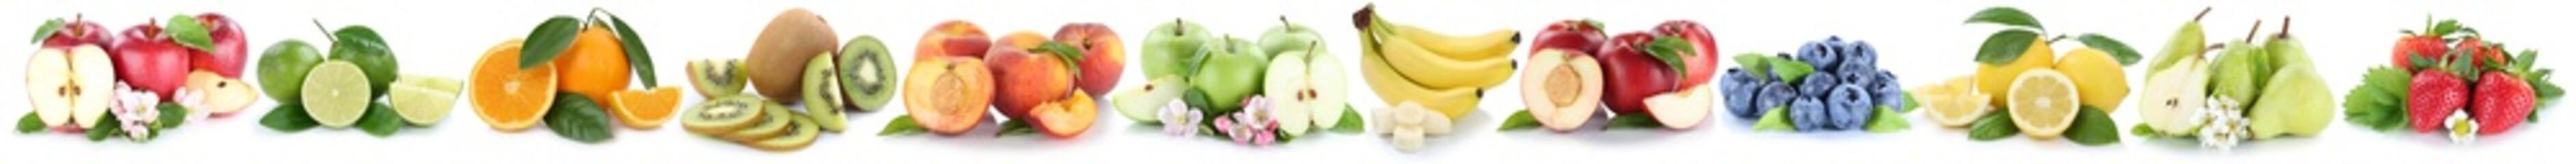 Früchte Apfel Orange Äpfel Orangen Bananen Obst Frucht in eine